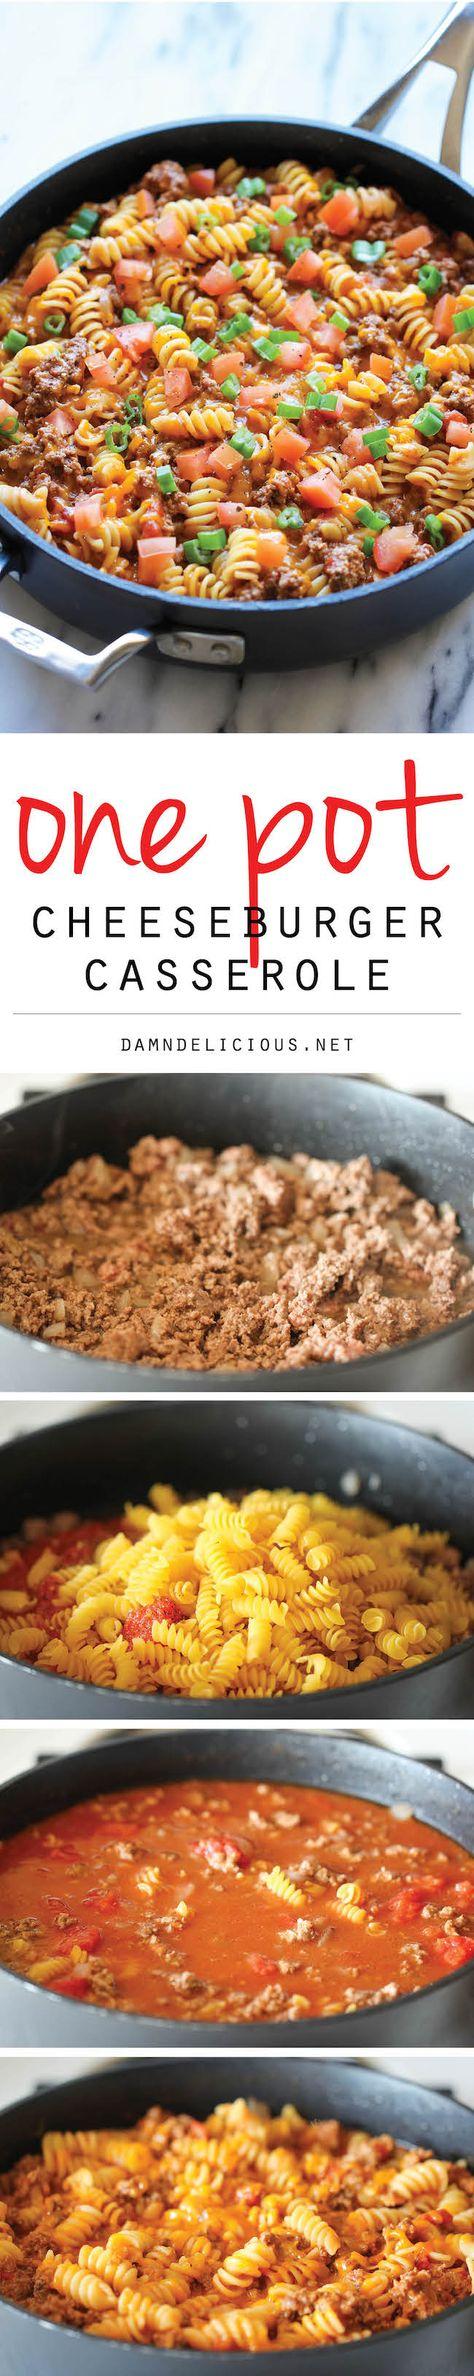 One Pot Cheeseburger Casserole